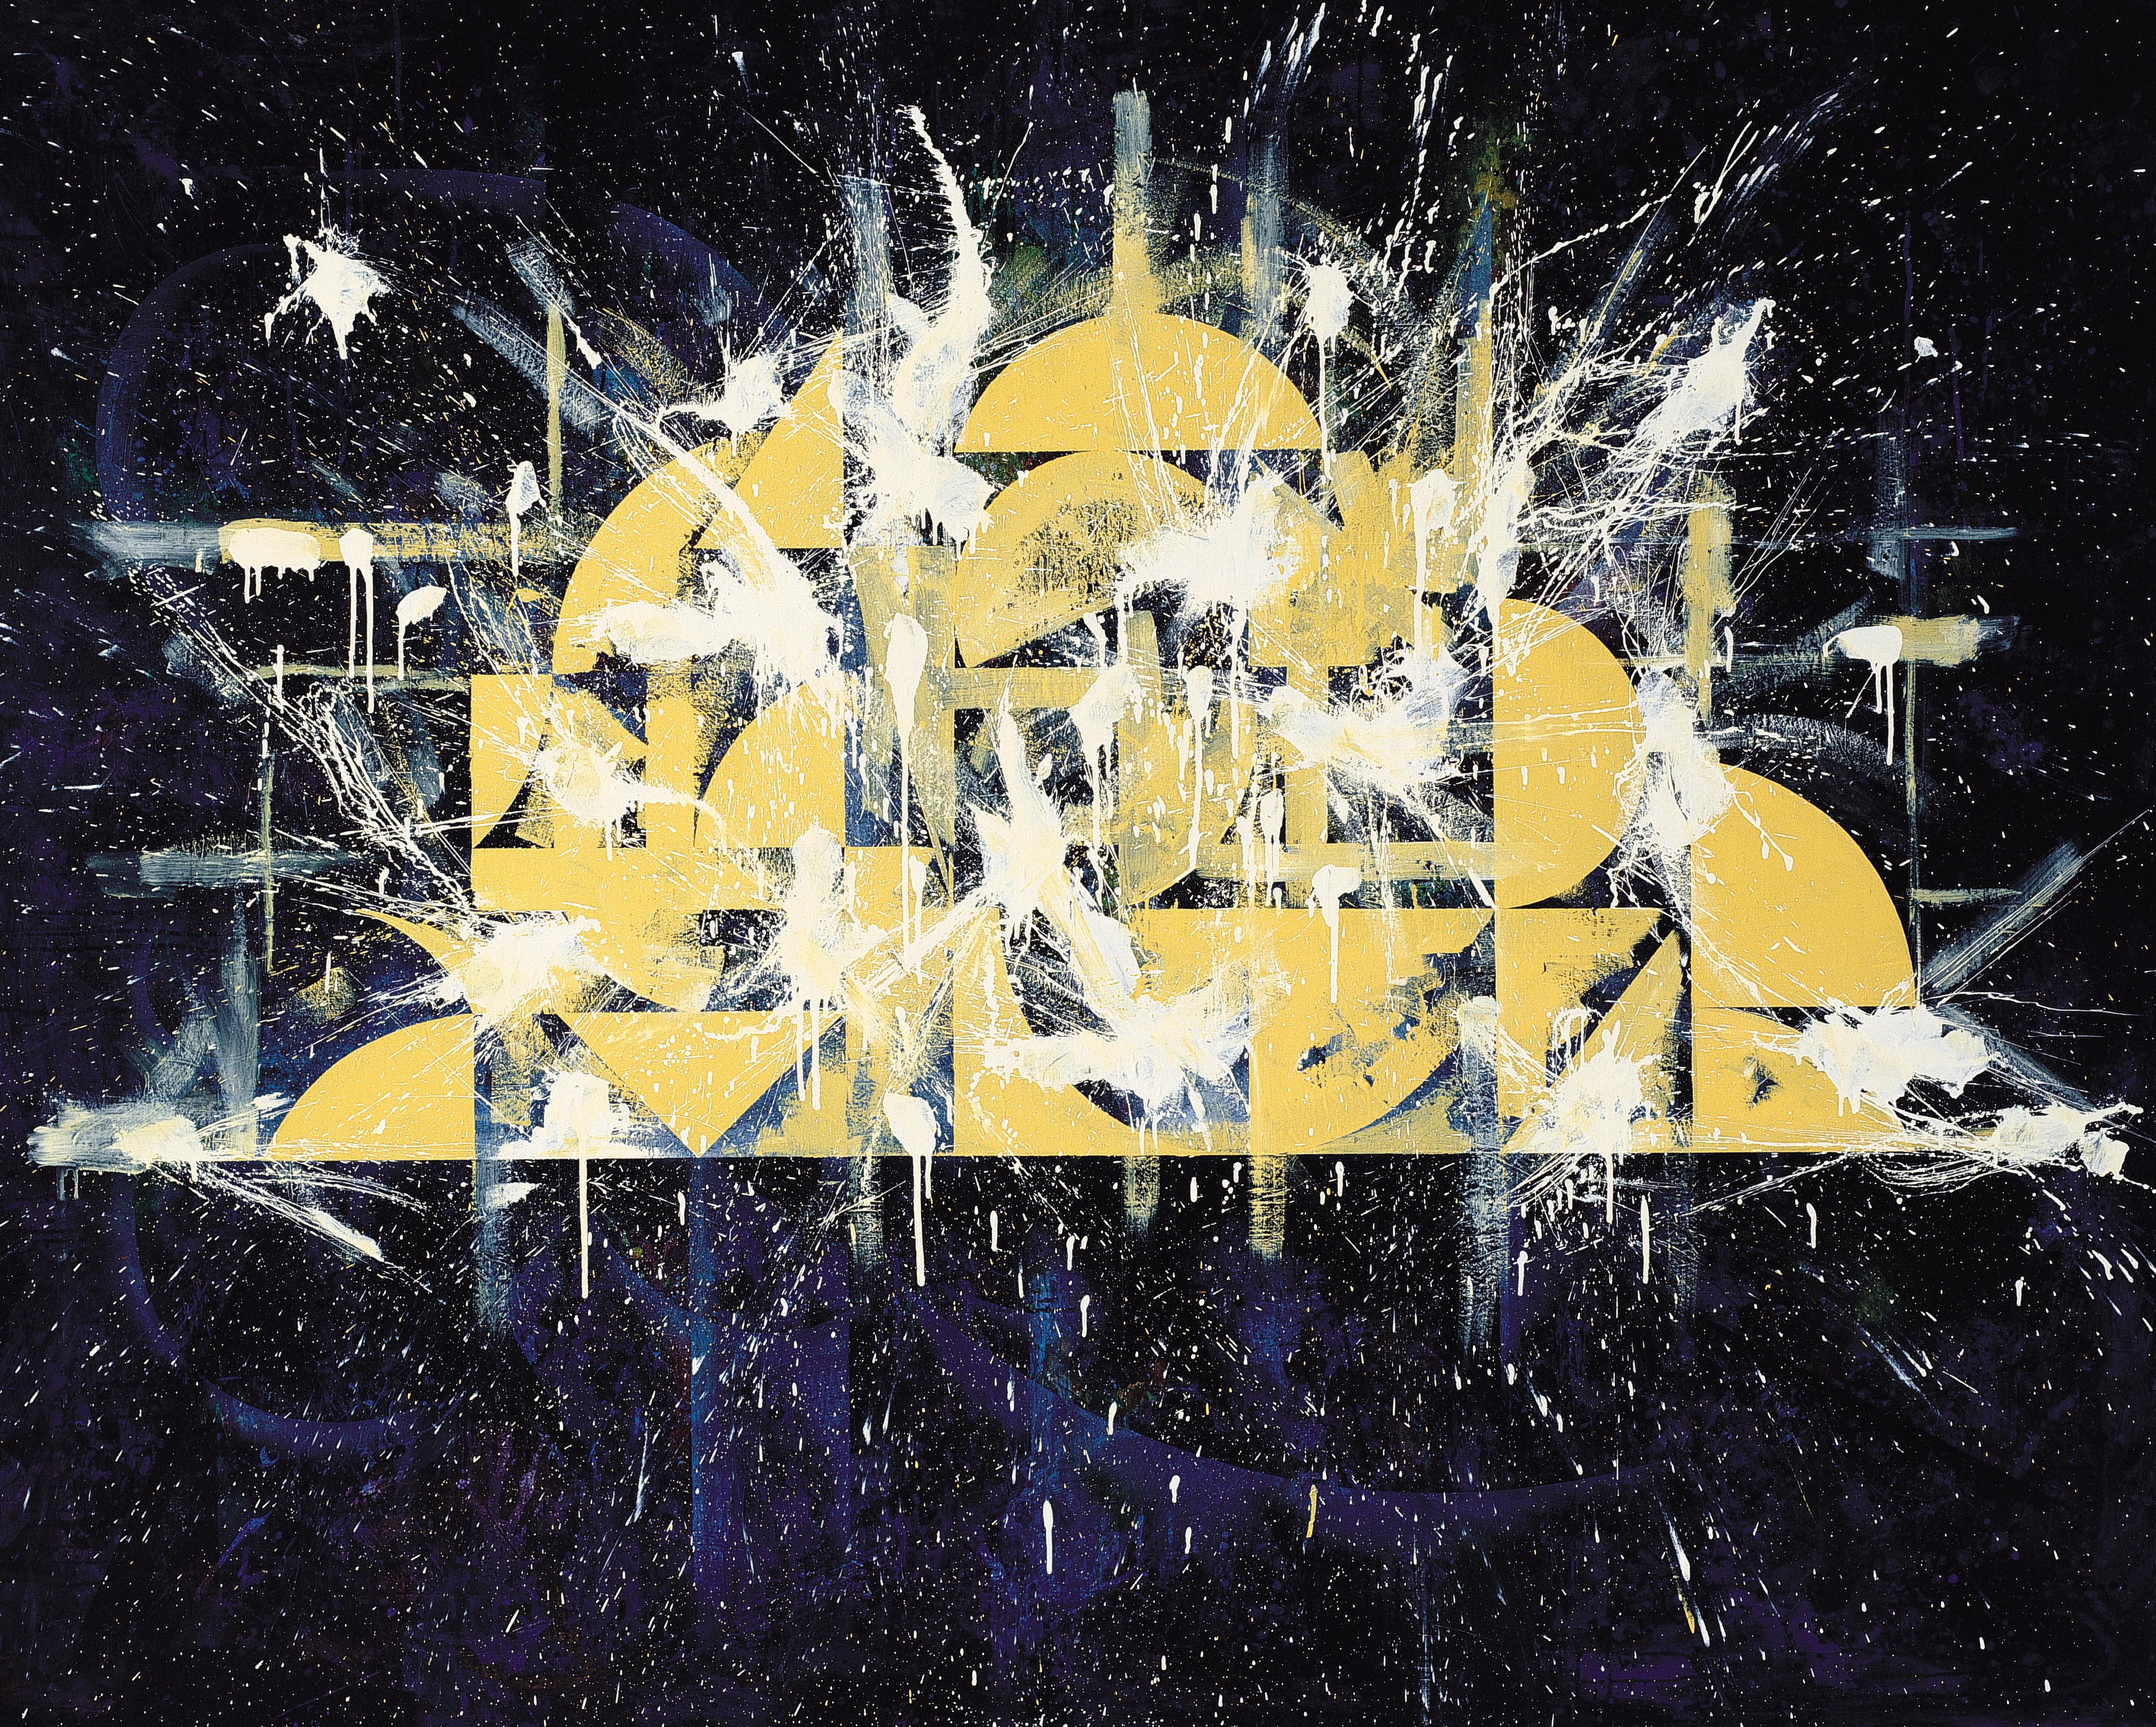 楊仁明 裝月光 2007 壓克力 油彩 182x227cm